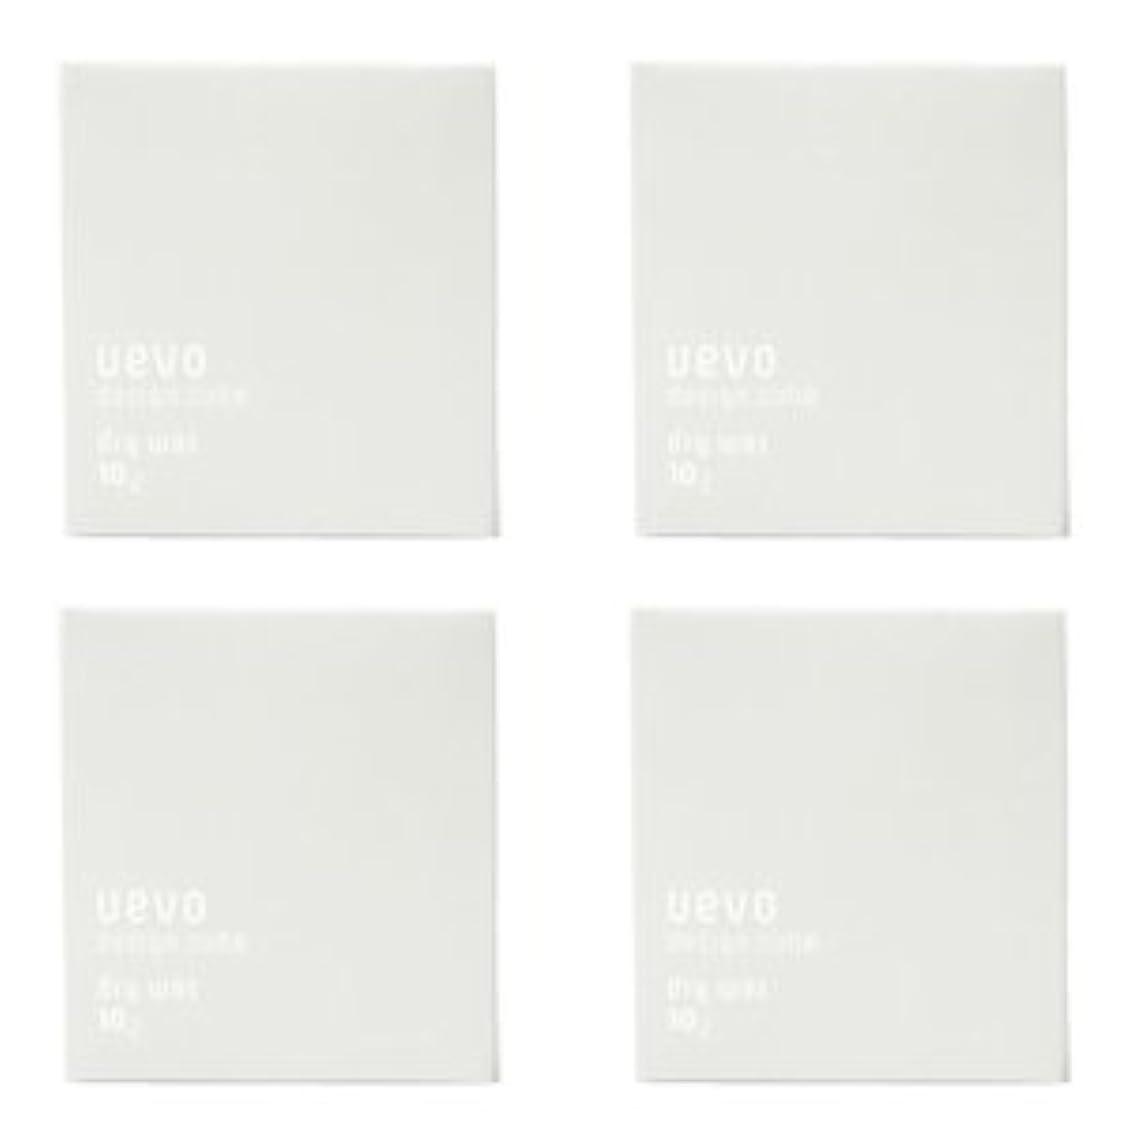 ポール練習した気分【X4個セット】 デミ ウェーボ デザインキューブ ドライワックス 80g dry wax